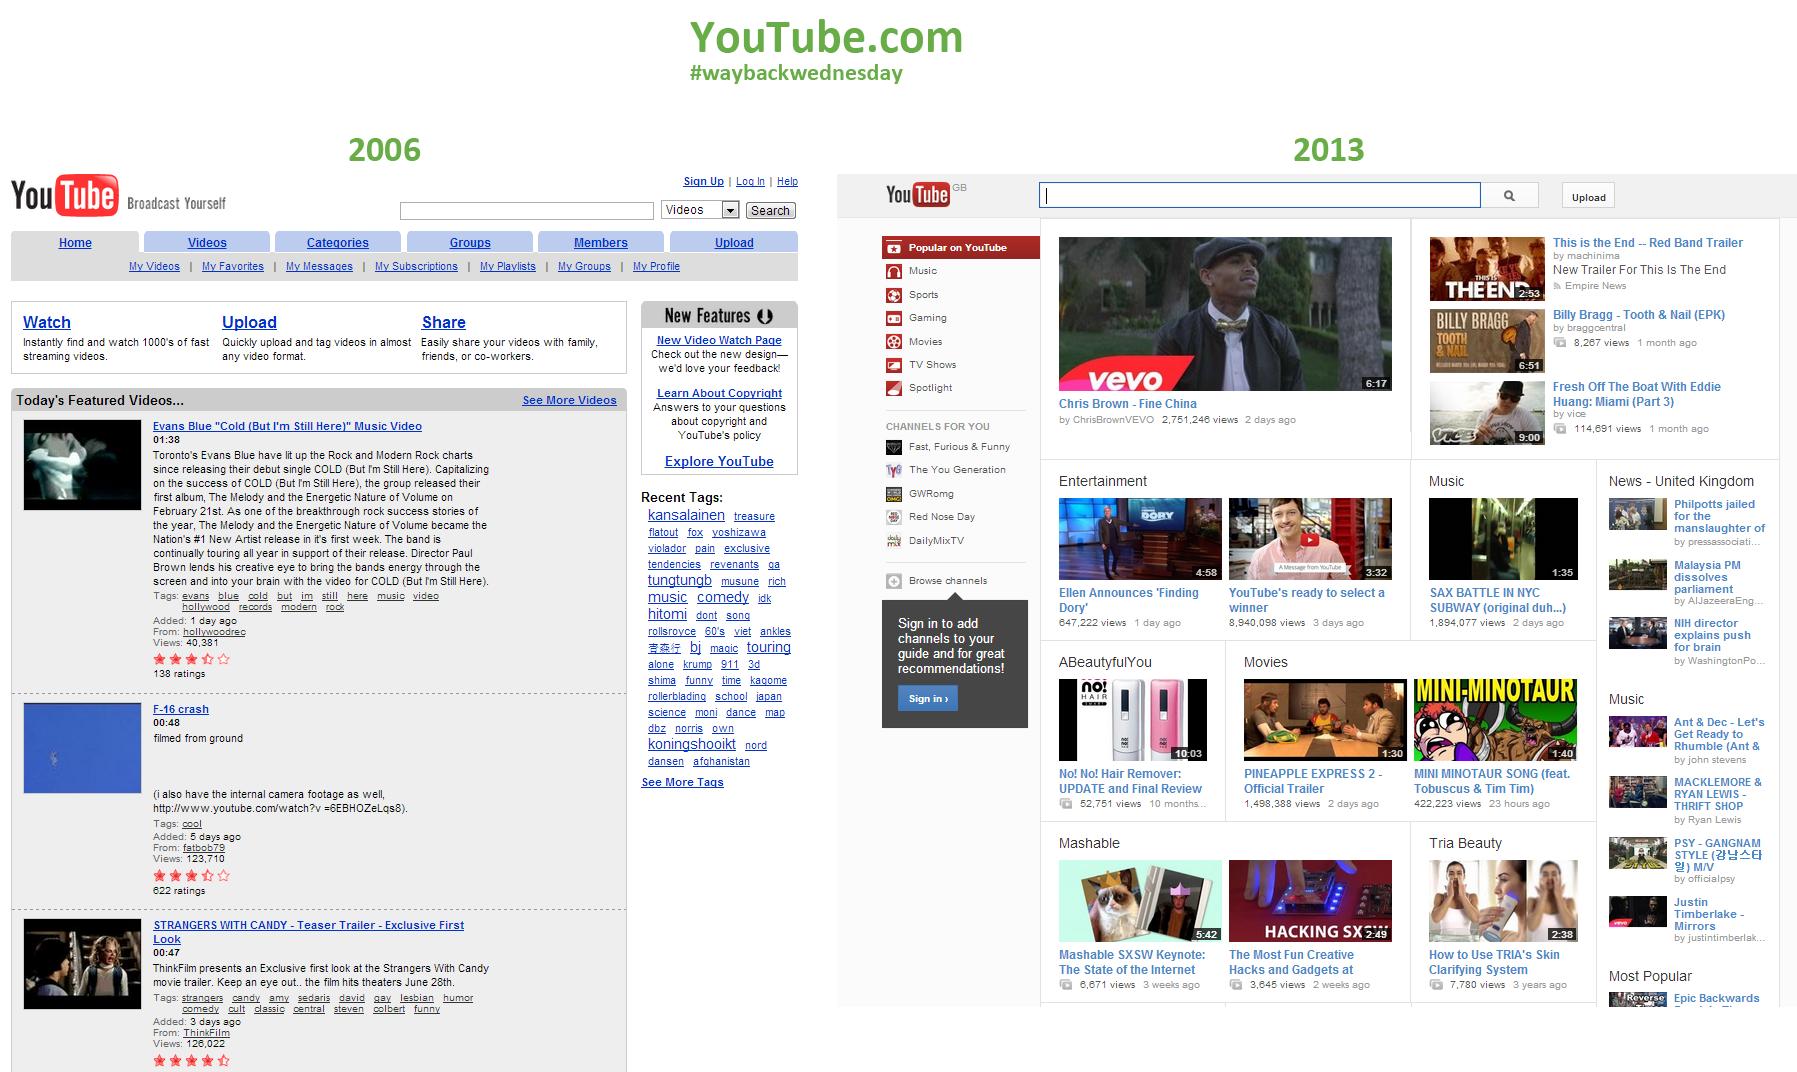 compare youtube 2006 2013